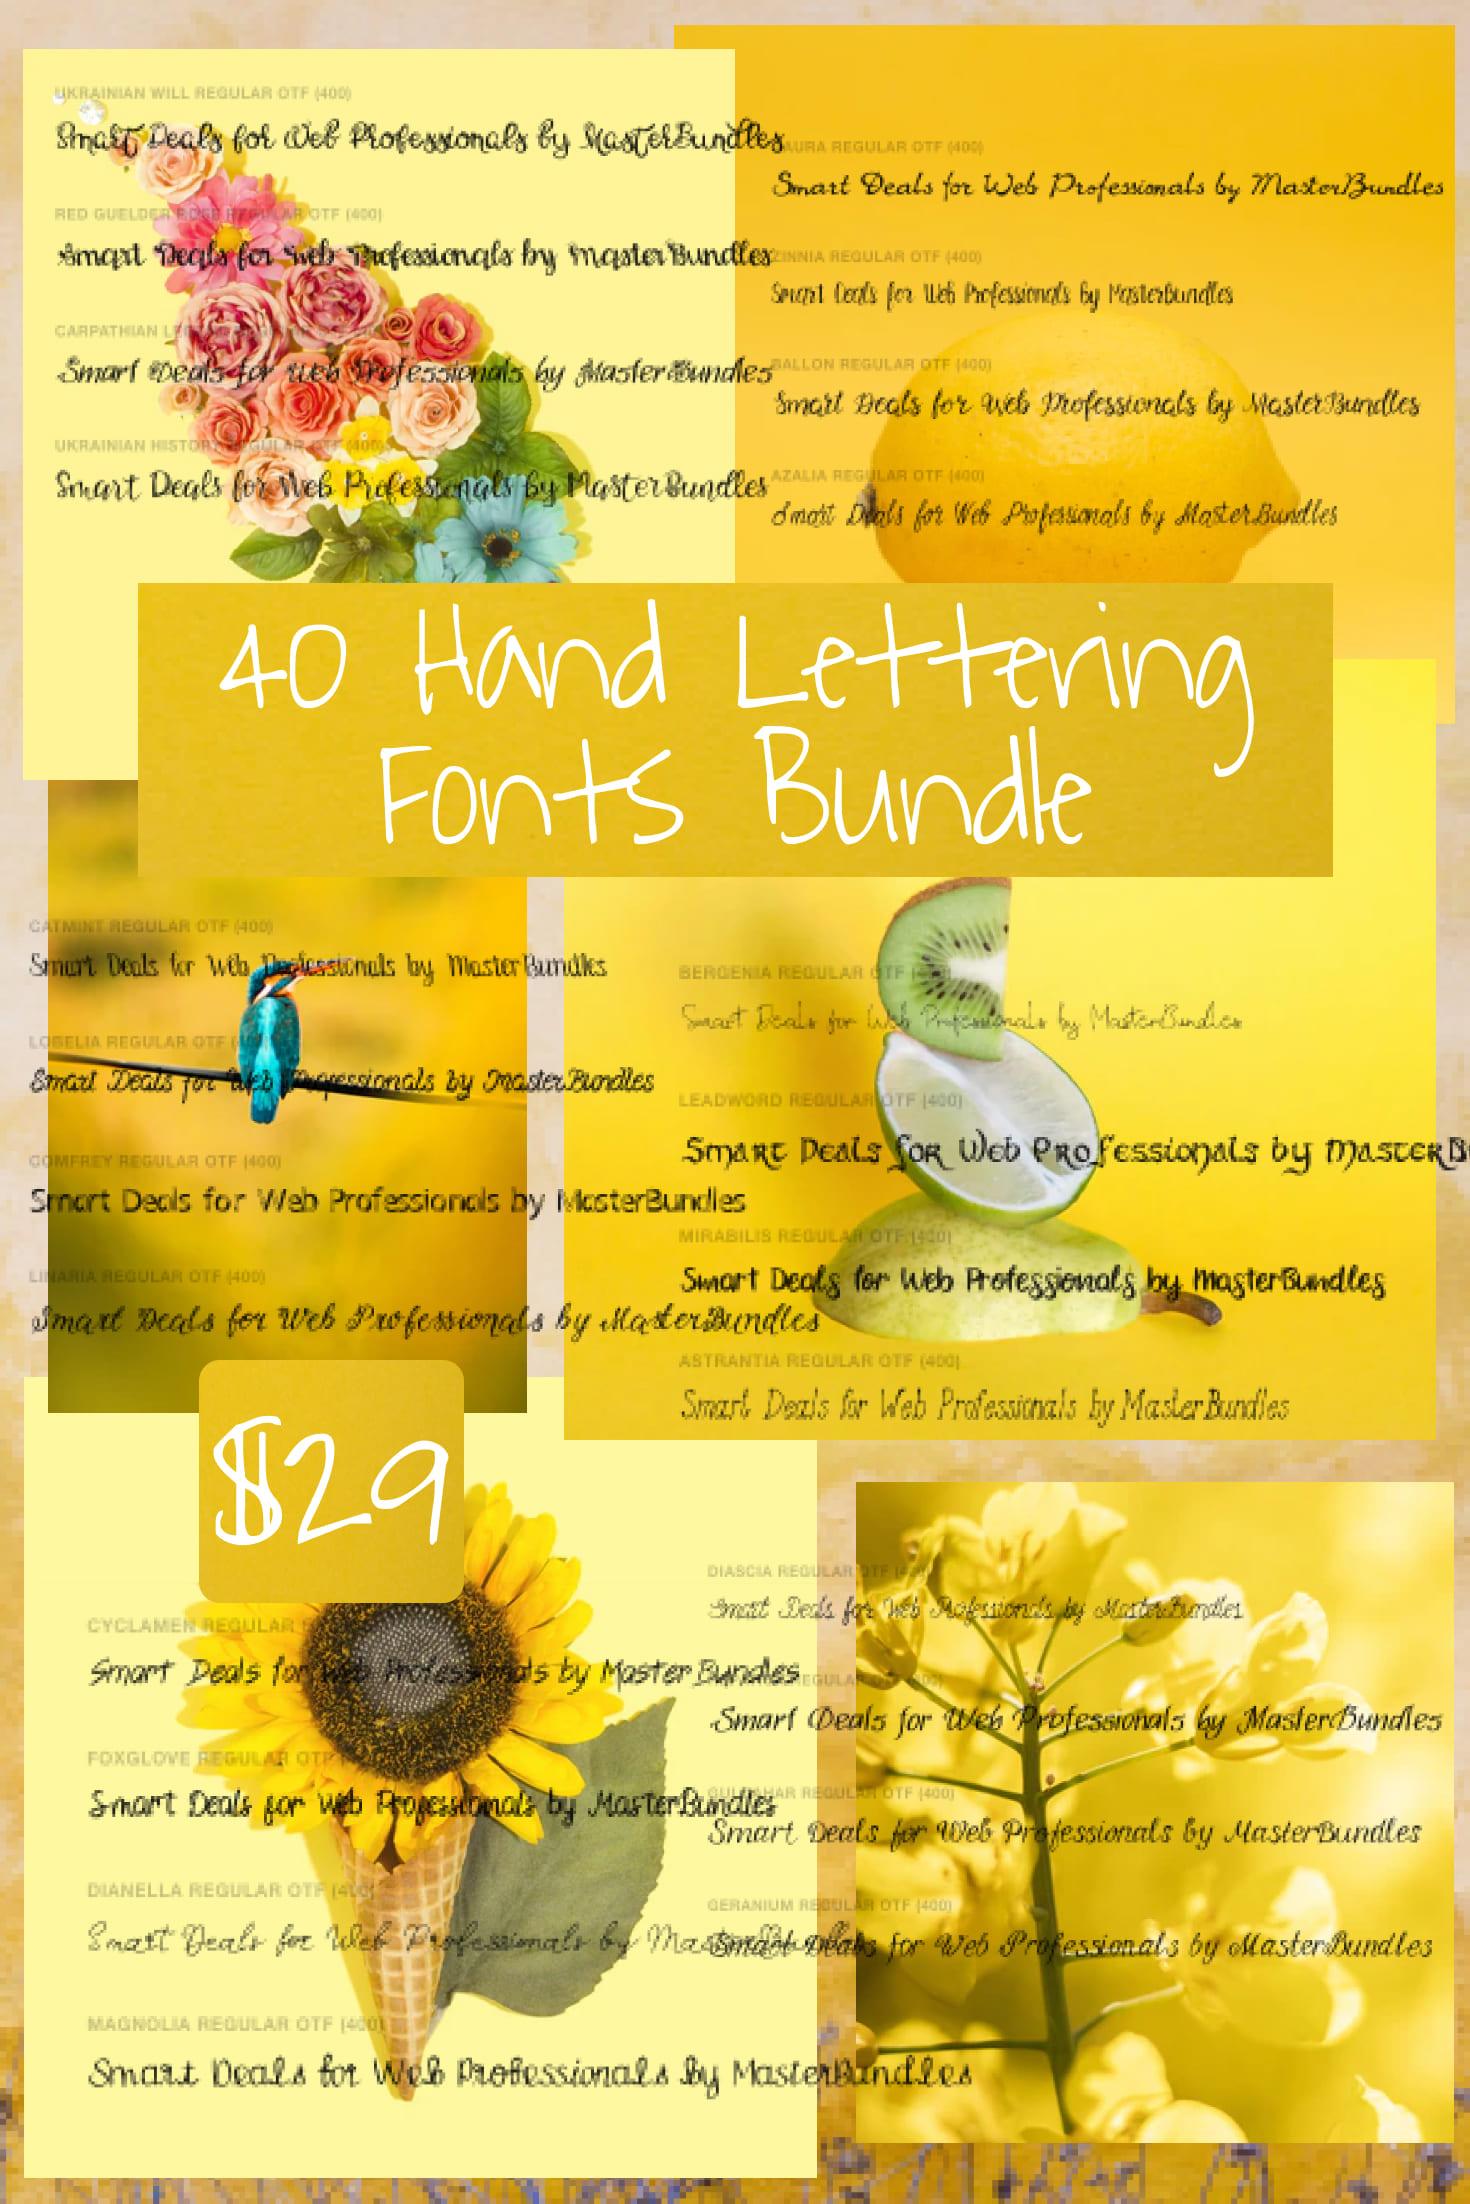 Pinterest Image: 40 Hand Lettering Fonts Bundle for $29 Only.